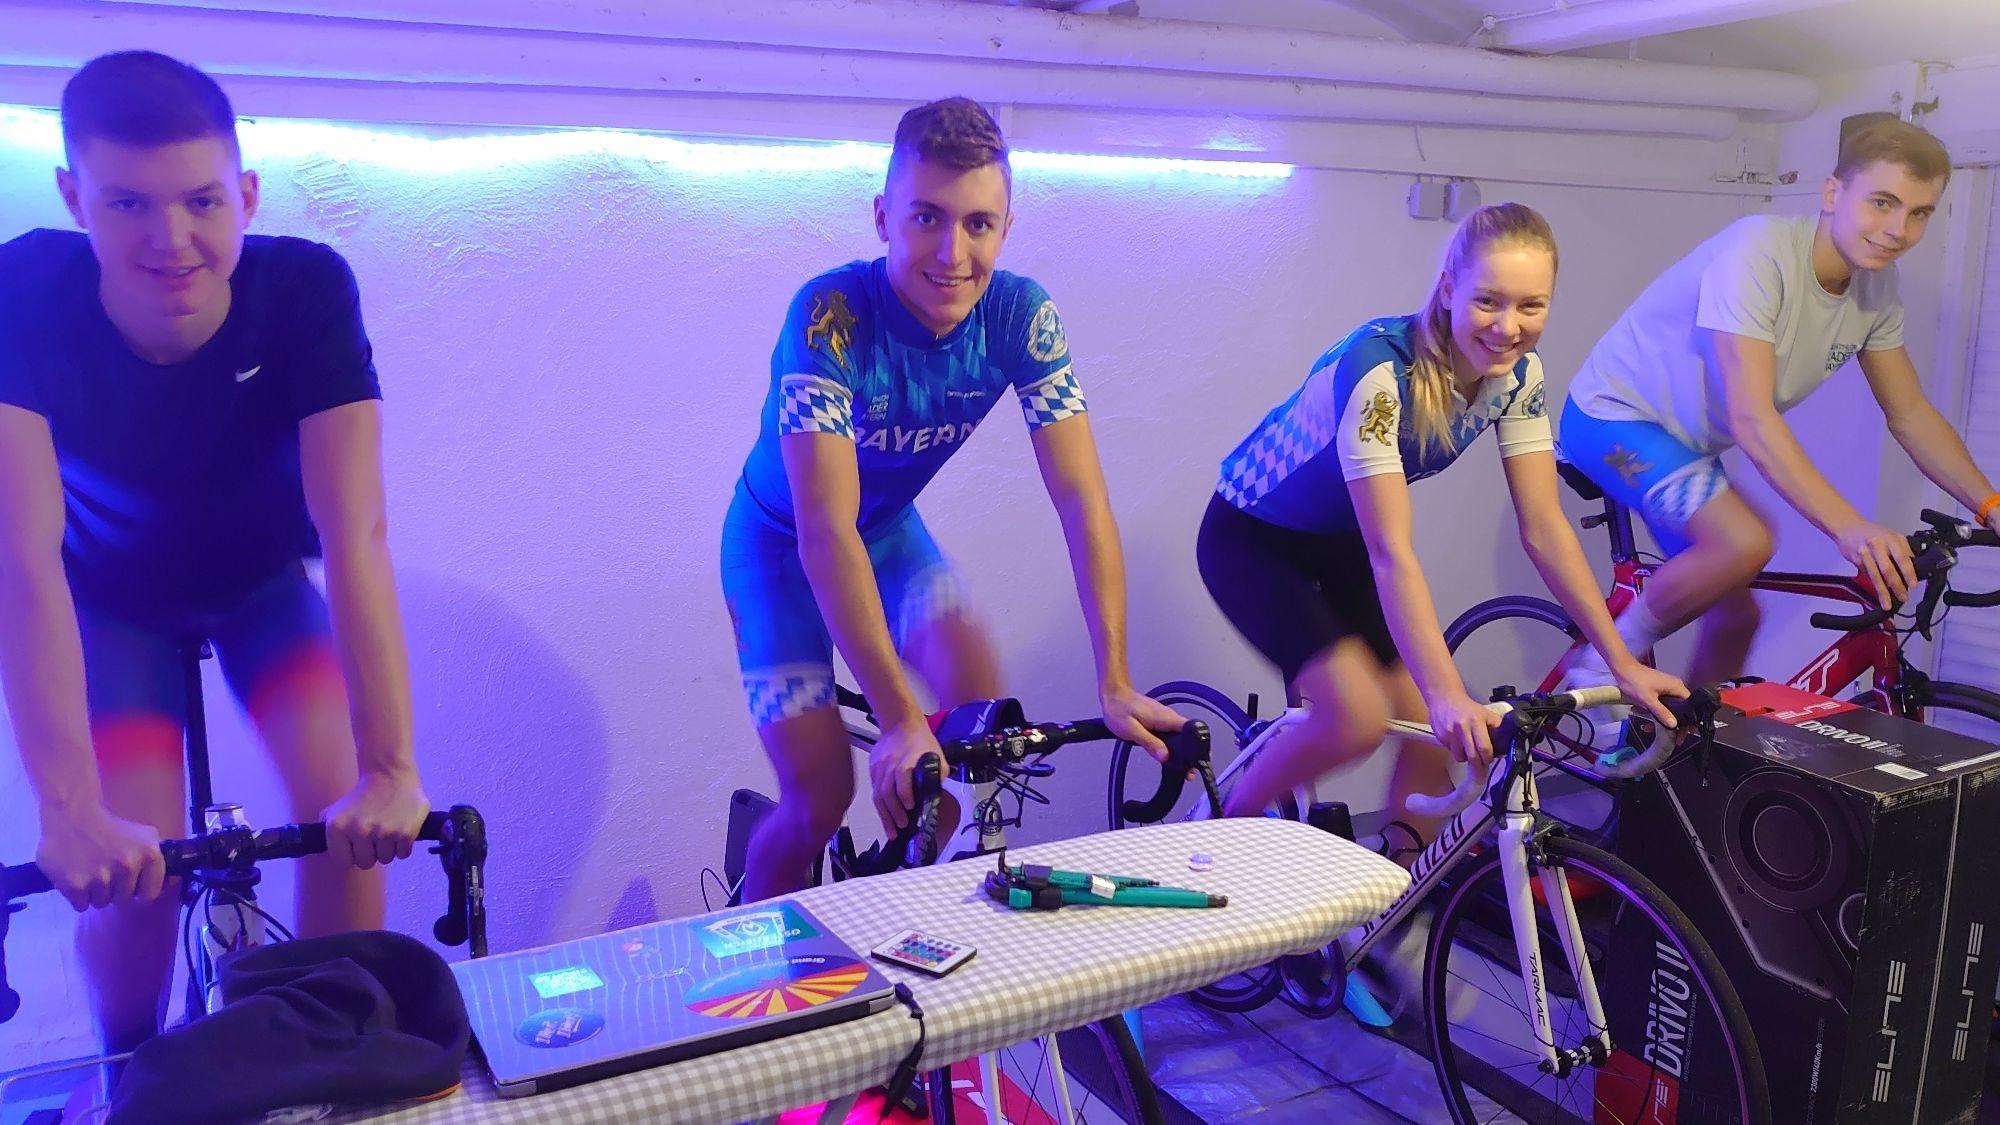 Die Triathleten in ihrem WG-Keller beim gemeinsamen Radtraining auf Rollen.